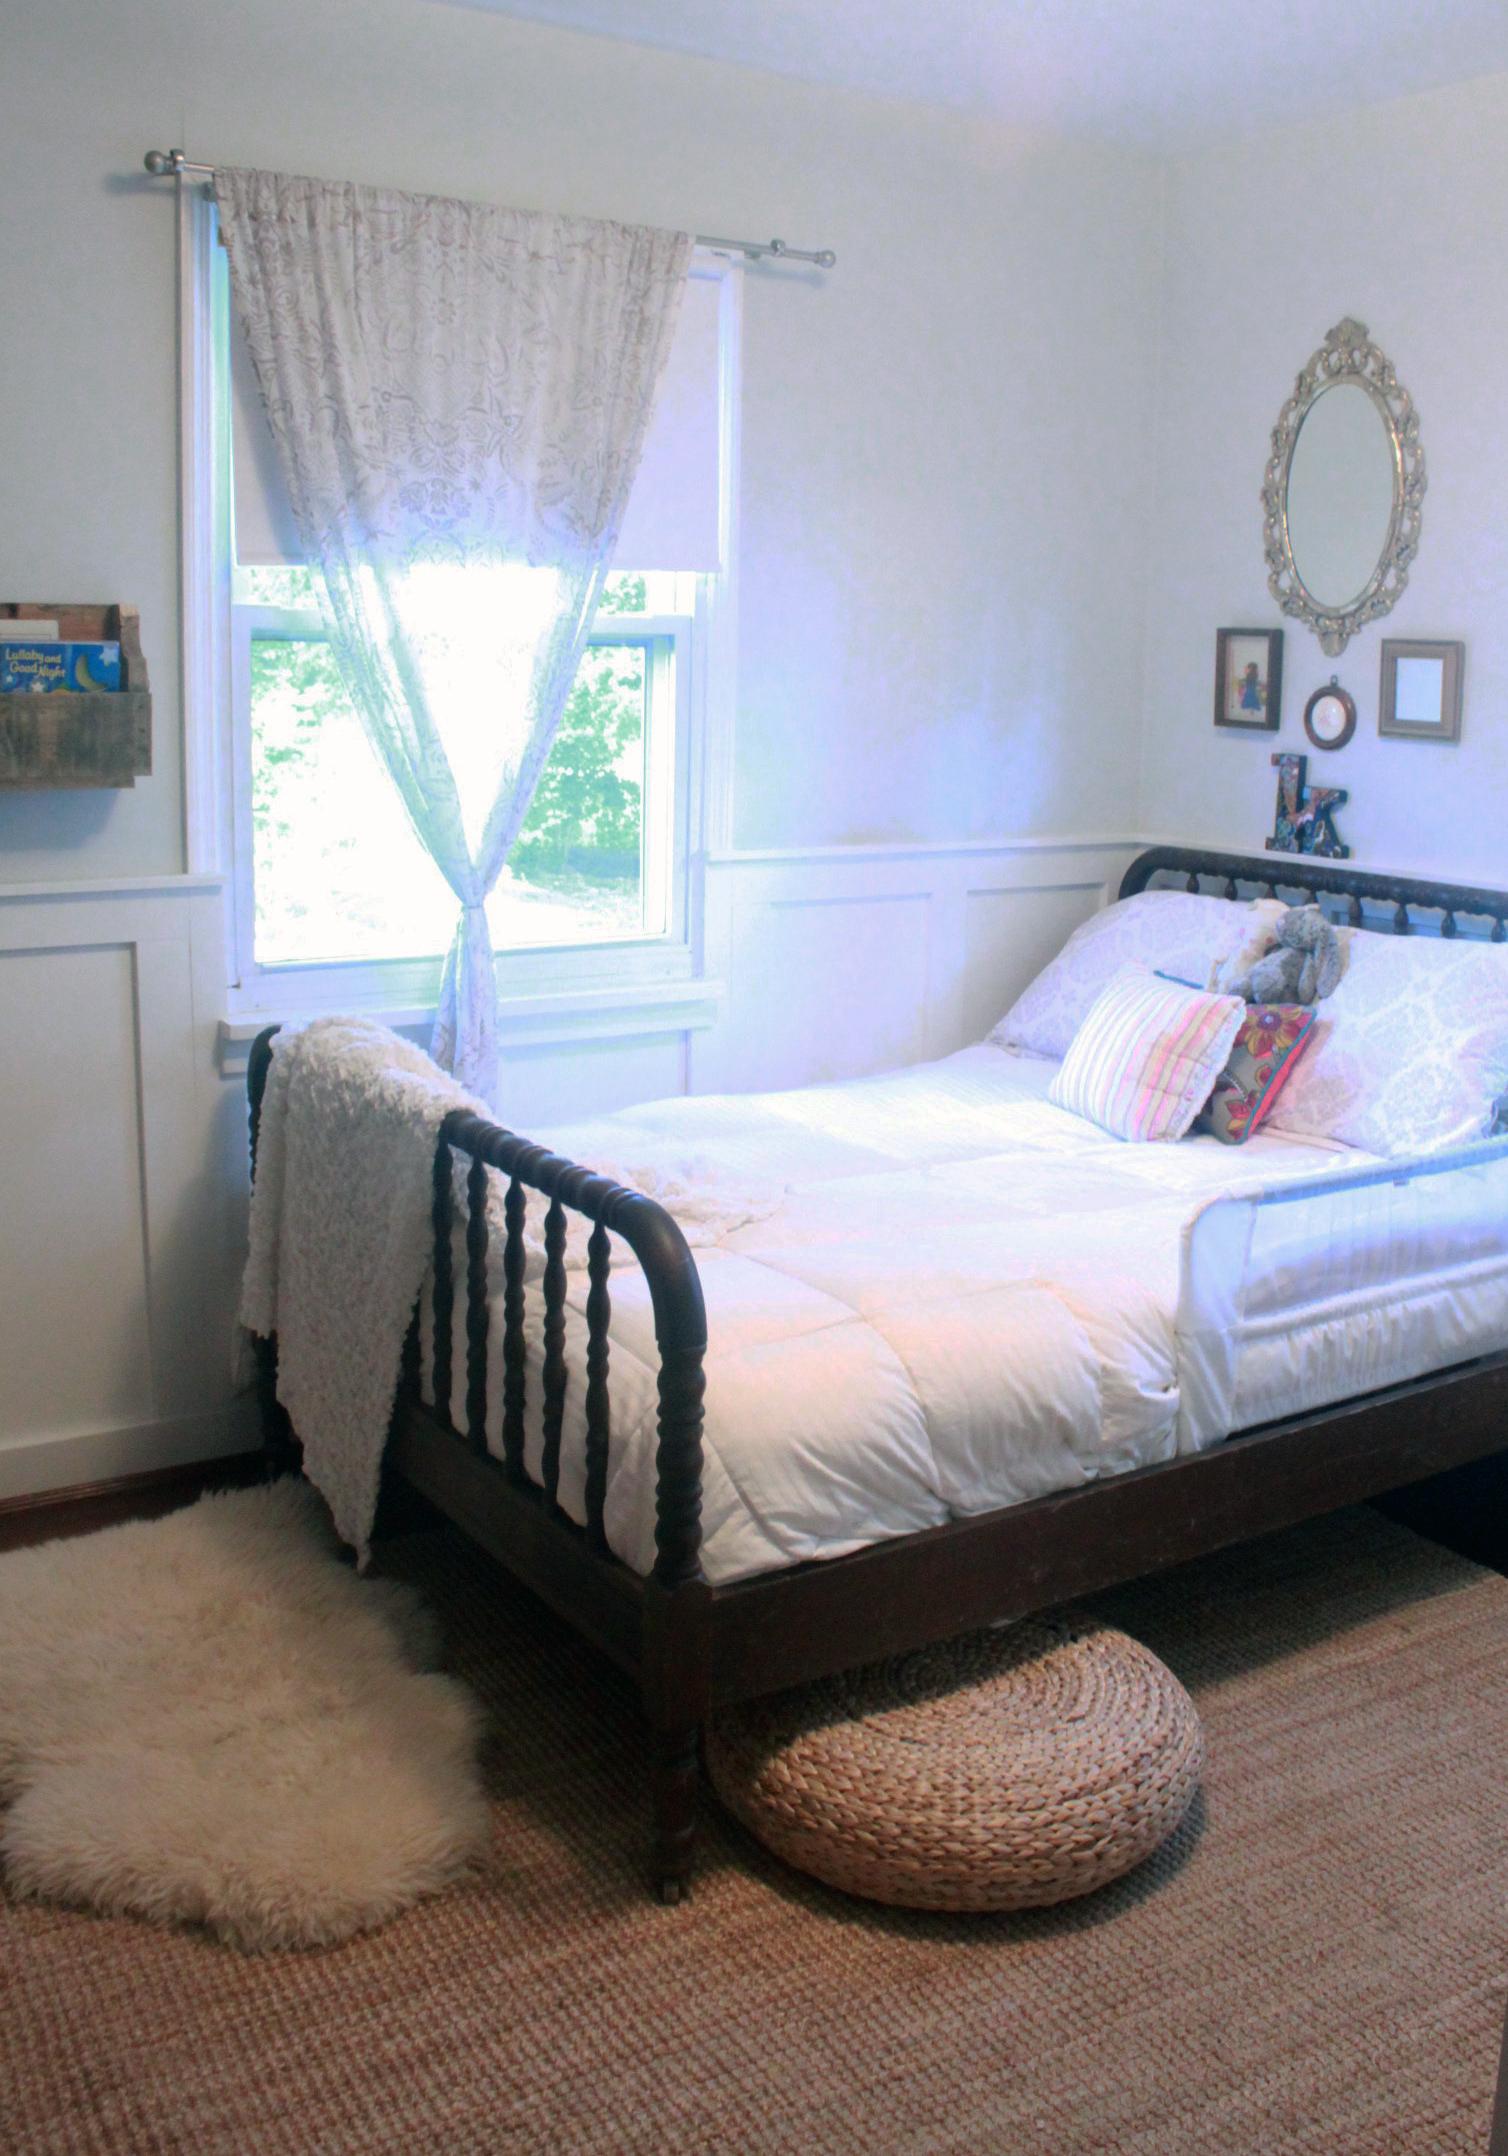 Toddler Big Girl Room Bed